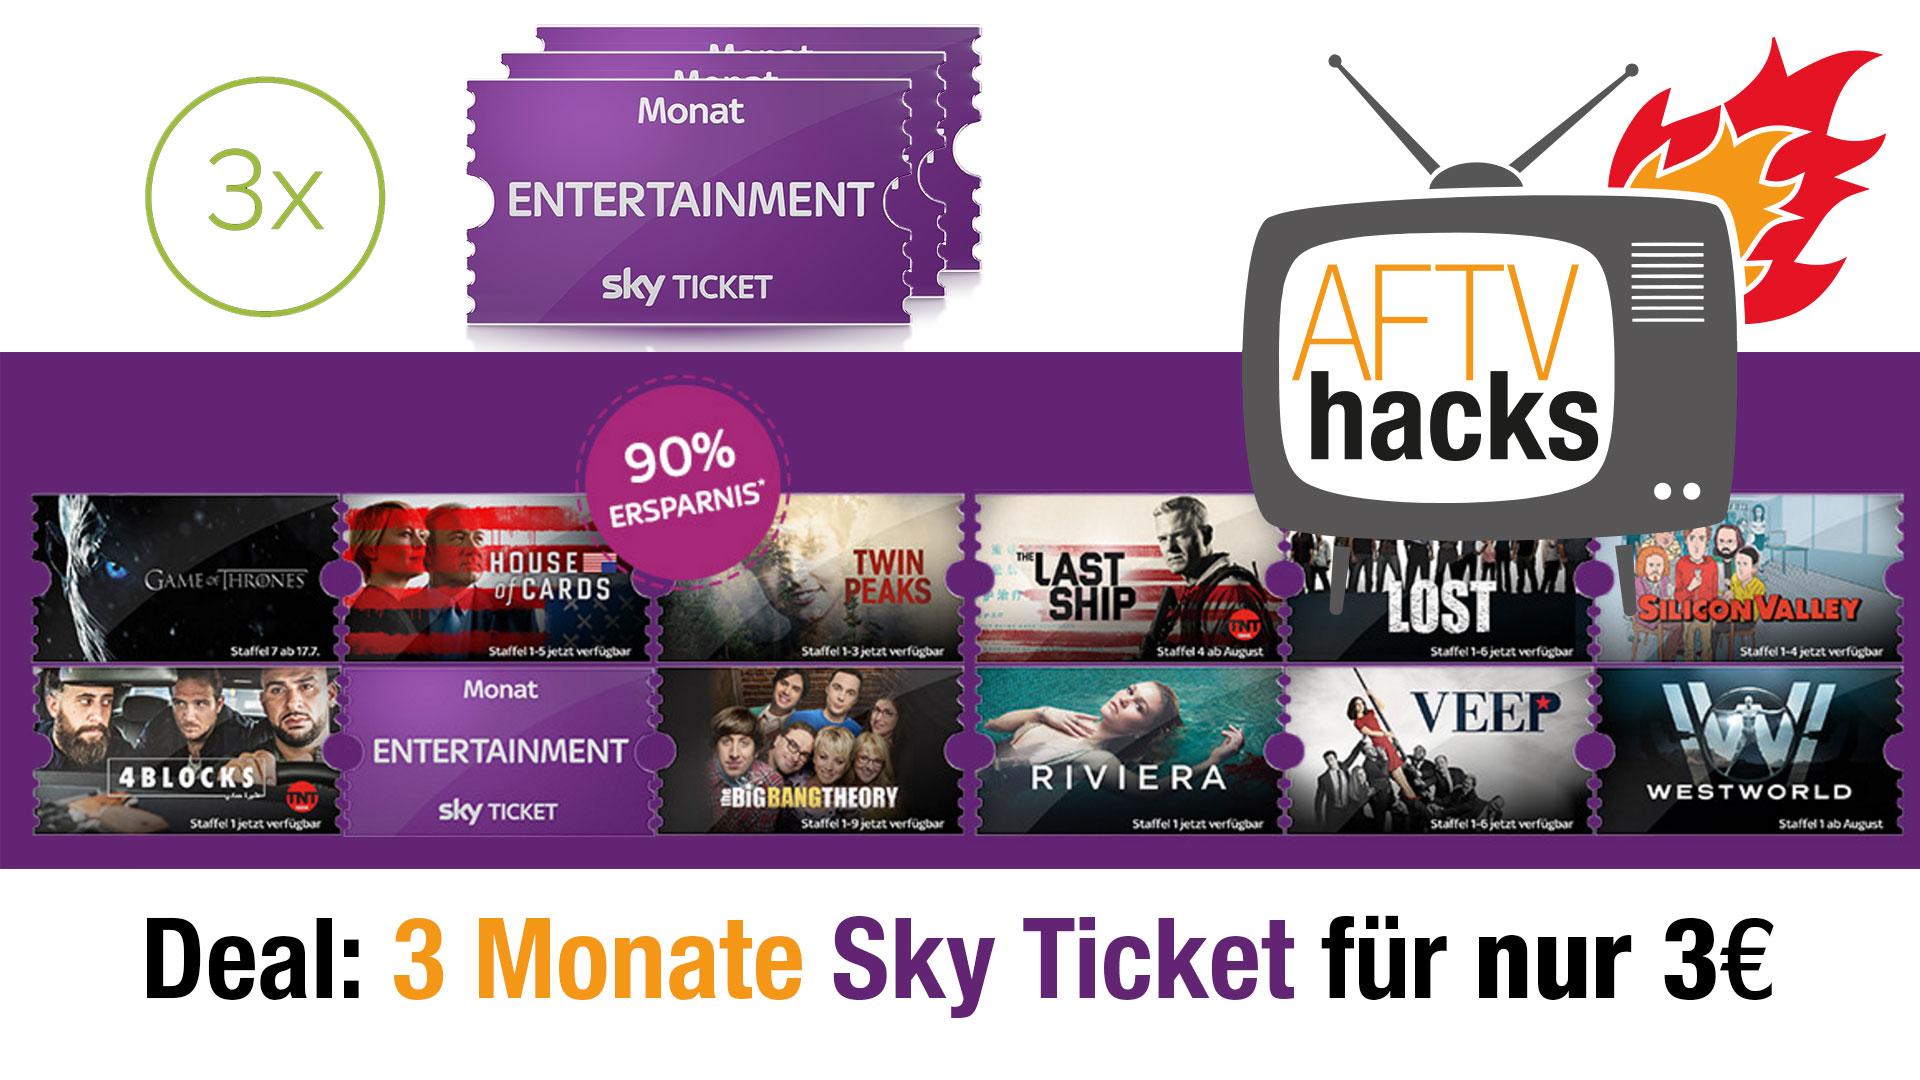 Deal: 3 Monate Sky Entertainment Ticket für nur 3€ zum Serien schauen